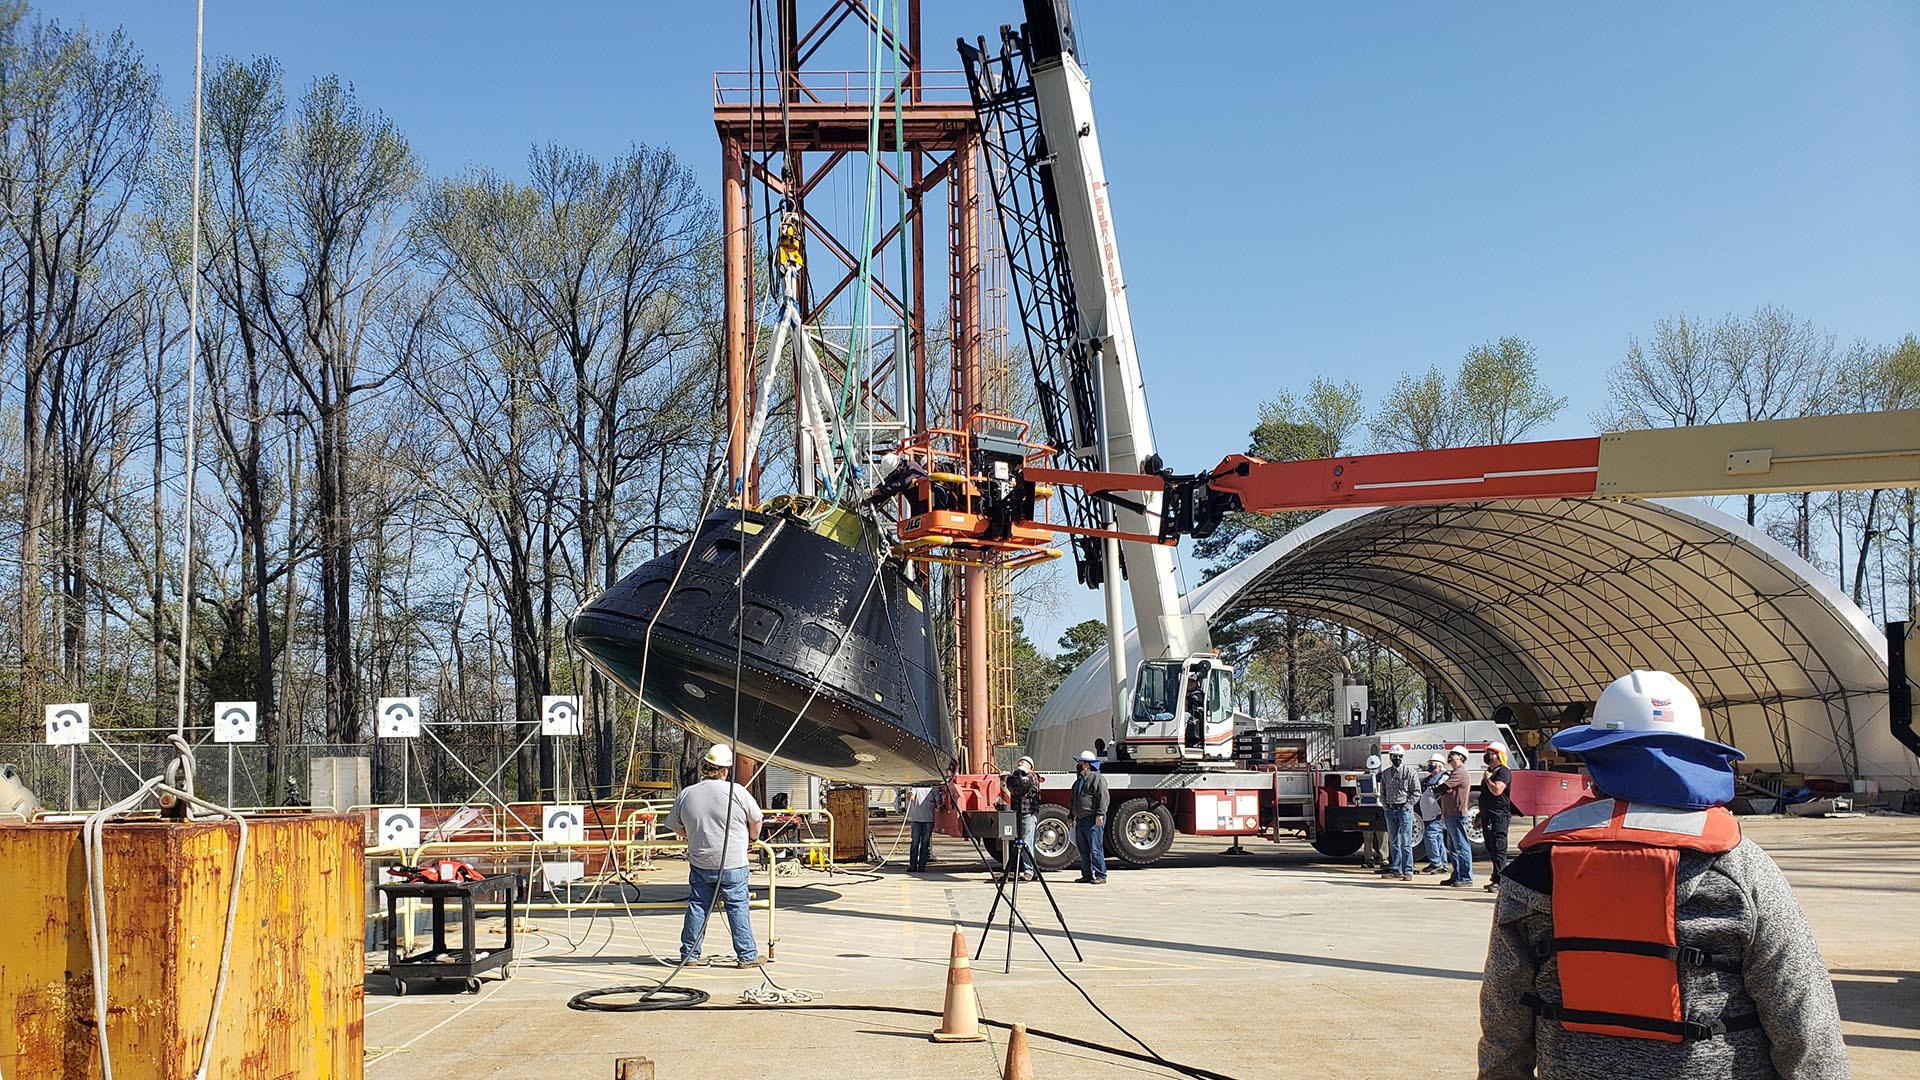 Les ingénieurs de la NASA Langley se préparent pour le test de chute d'Orion le 6 avril 2021.